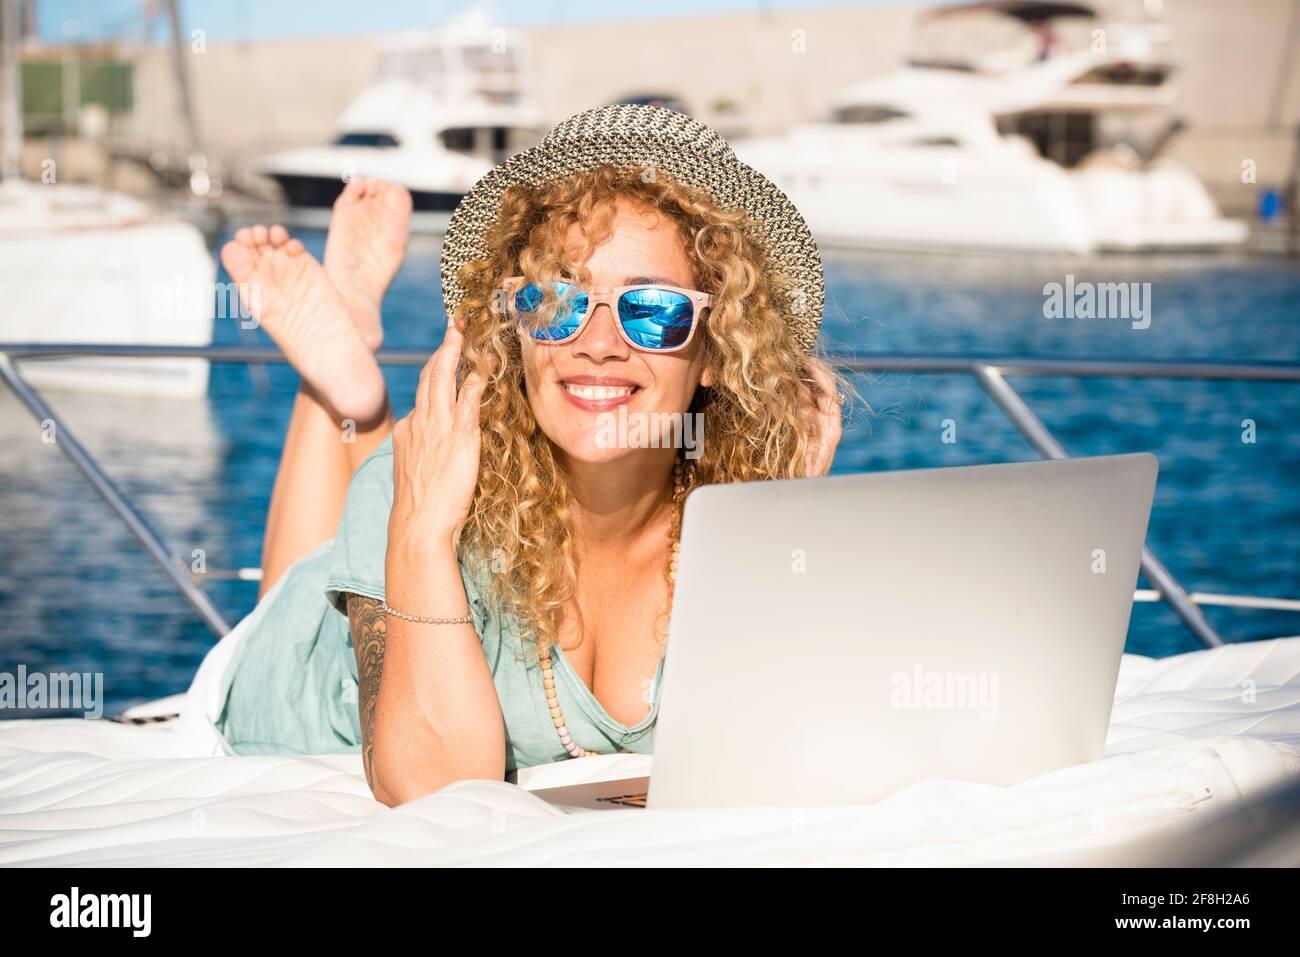 Jeune femme assez adulte sourire et utiliser un ordinateur portable à l'extérieur couchez-vous sur le pont d'un yacht - voyage et vacances d'été style de vie et mod Banque D'Images